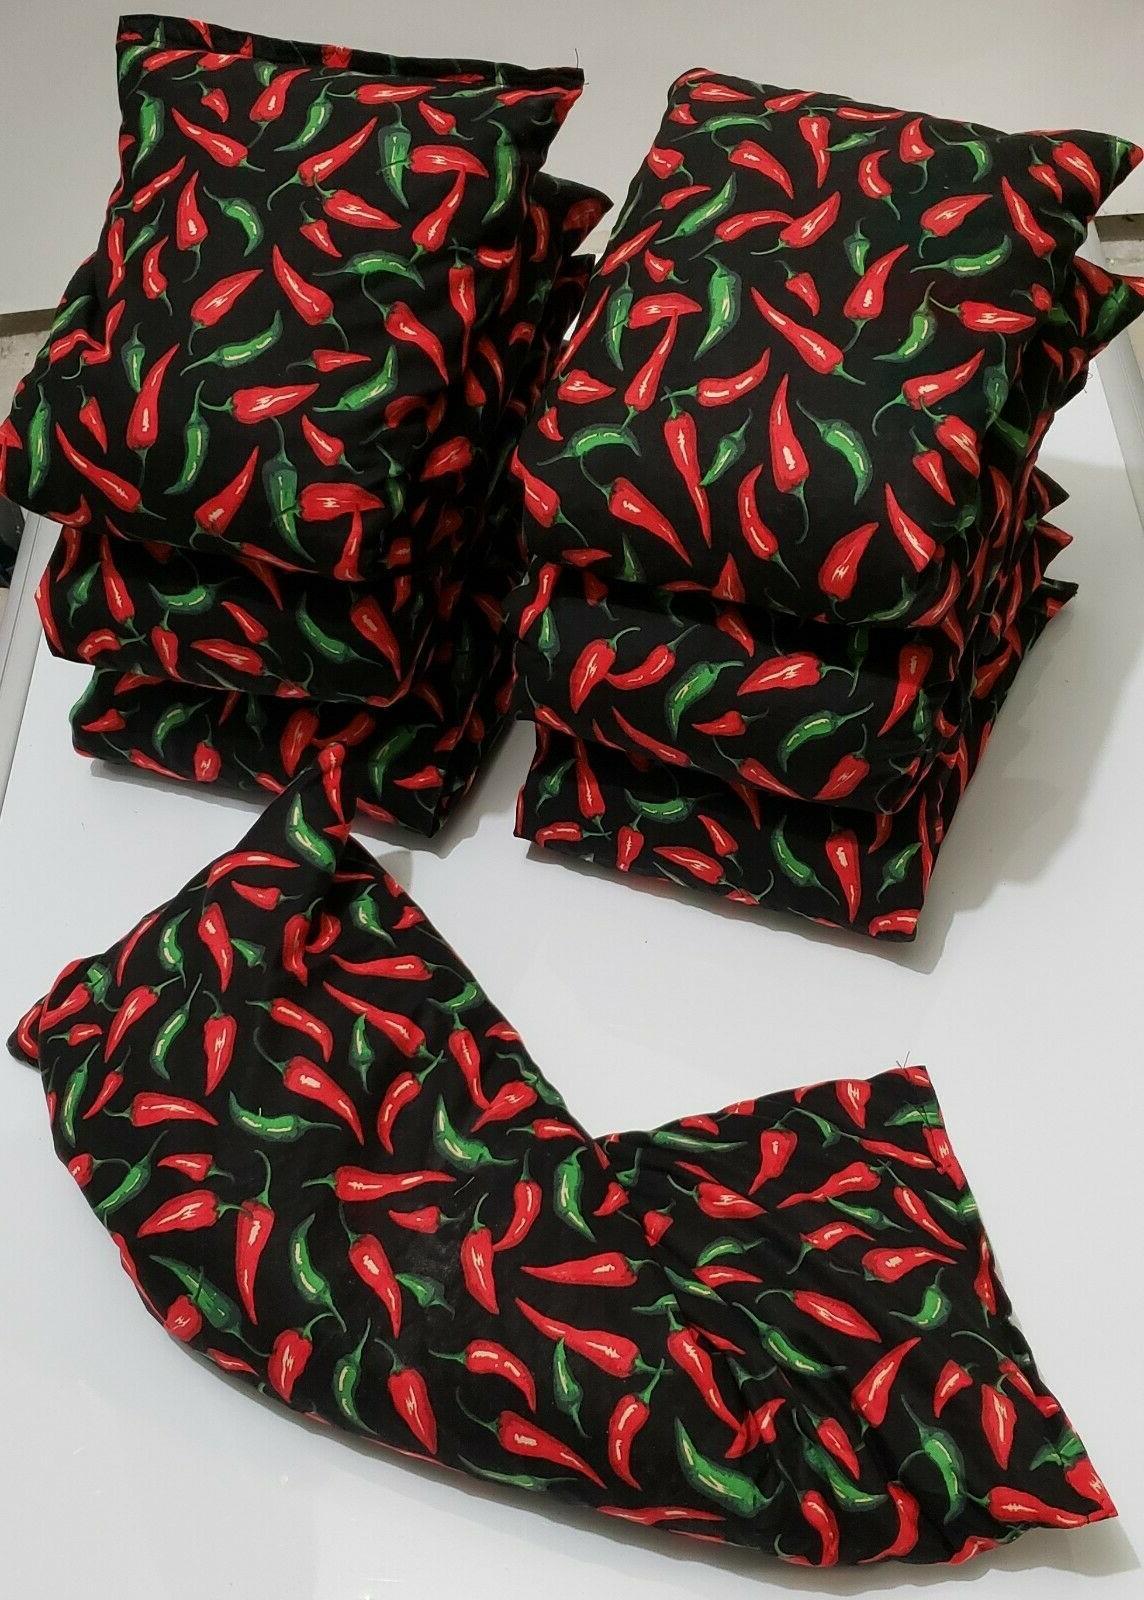 Cherry Pits 8x20 lbs